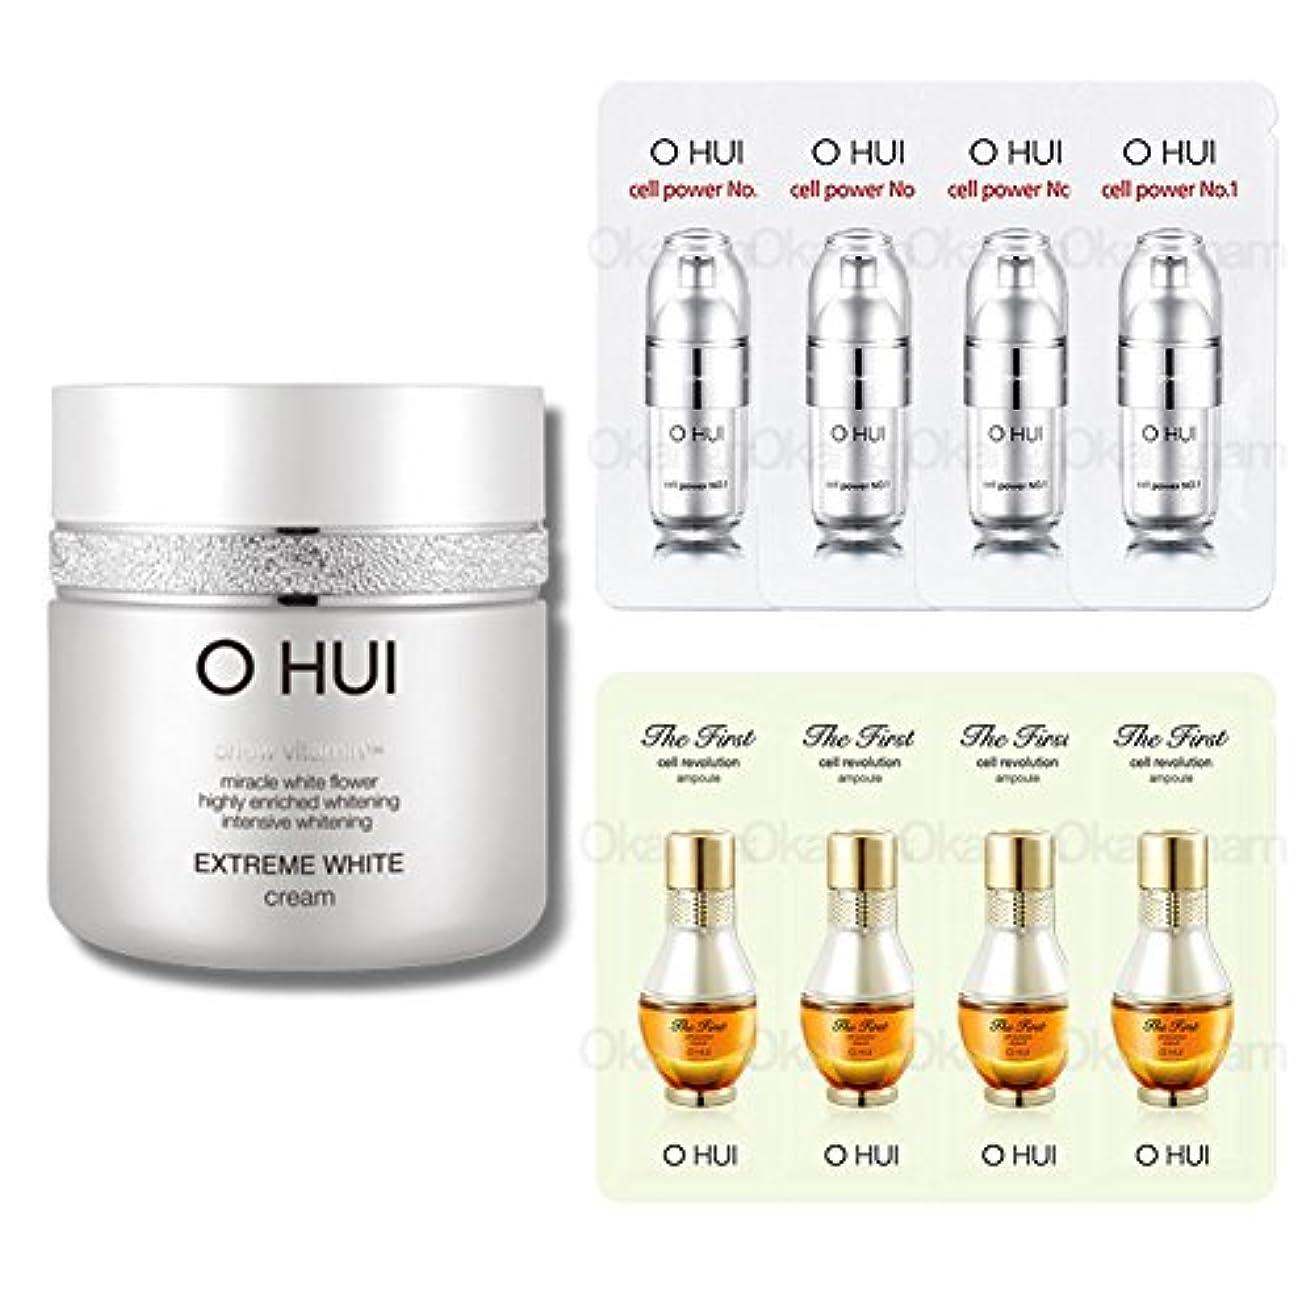 空敬意メロン[オフィ/ O HUI]韓国化粧品 LG生活健康/ OHUI OEW04 EXTREME WHITE CREAM/オフィ エクストリーム ホワイトクリーム 50ml +[Sample Gift](海外直送品)